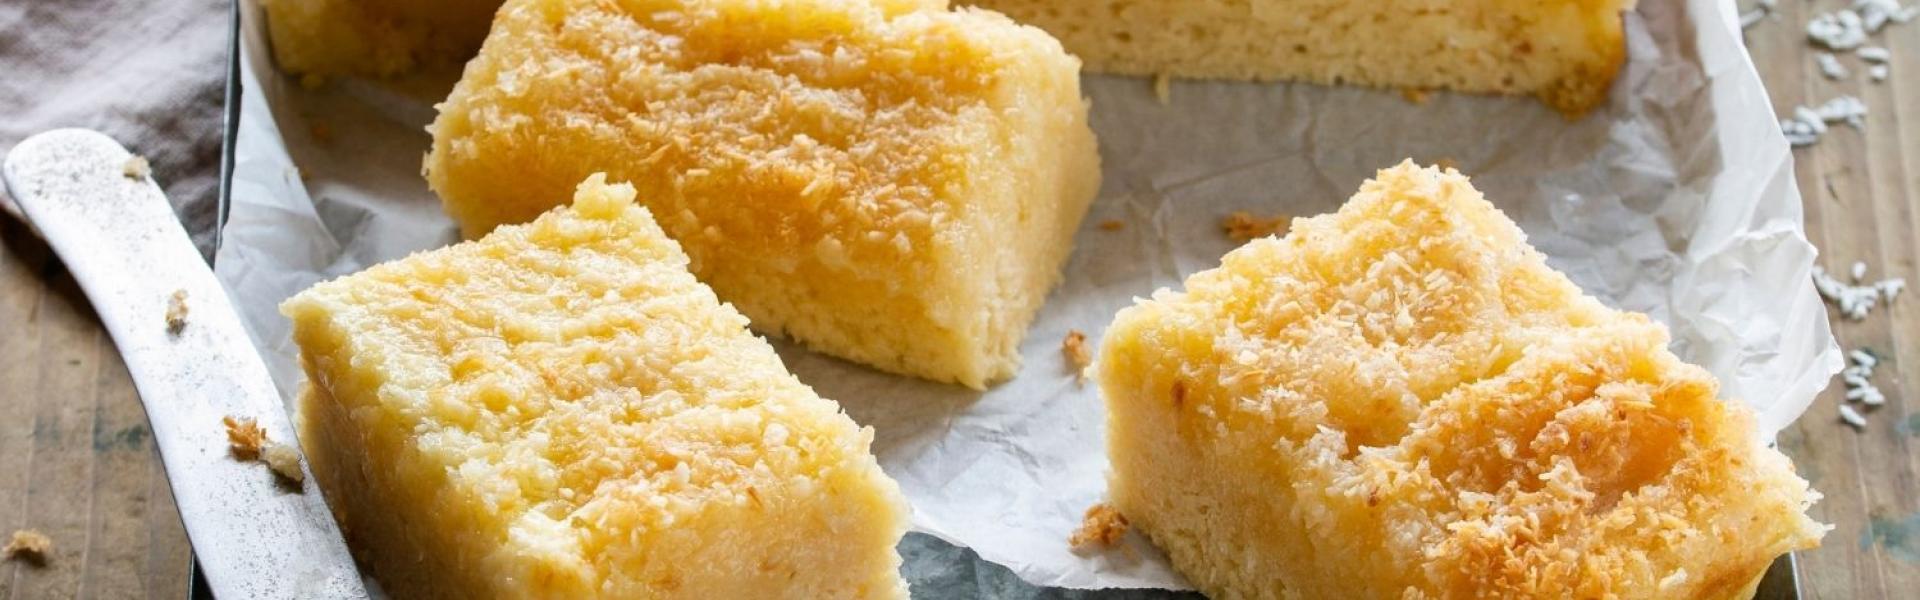 Buttermilchkuchen aufgeschnitten auf einem Blech.